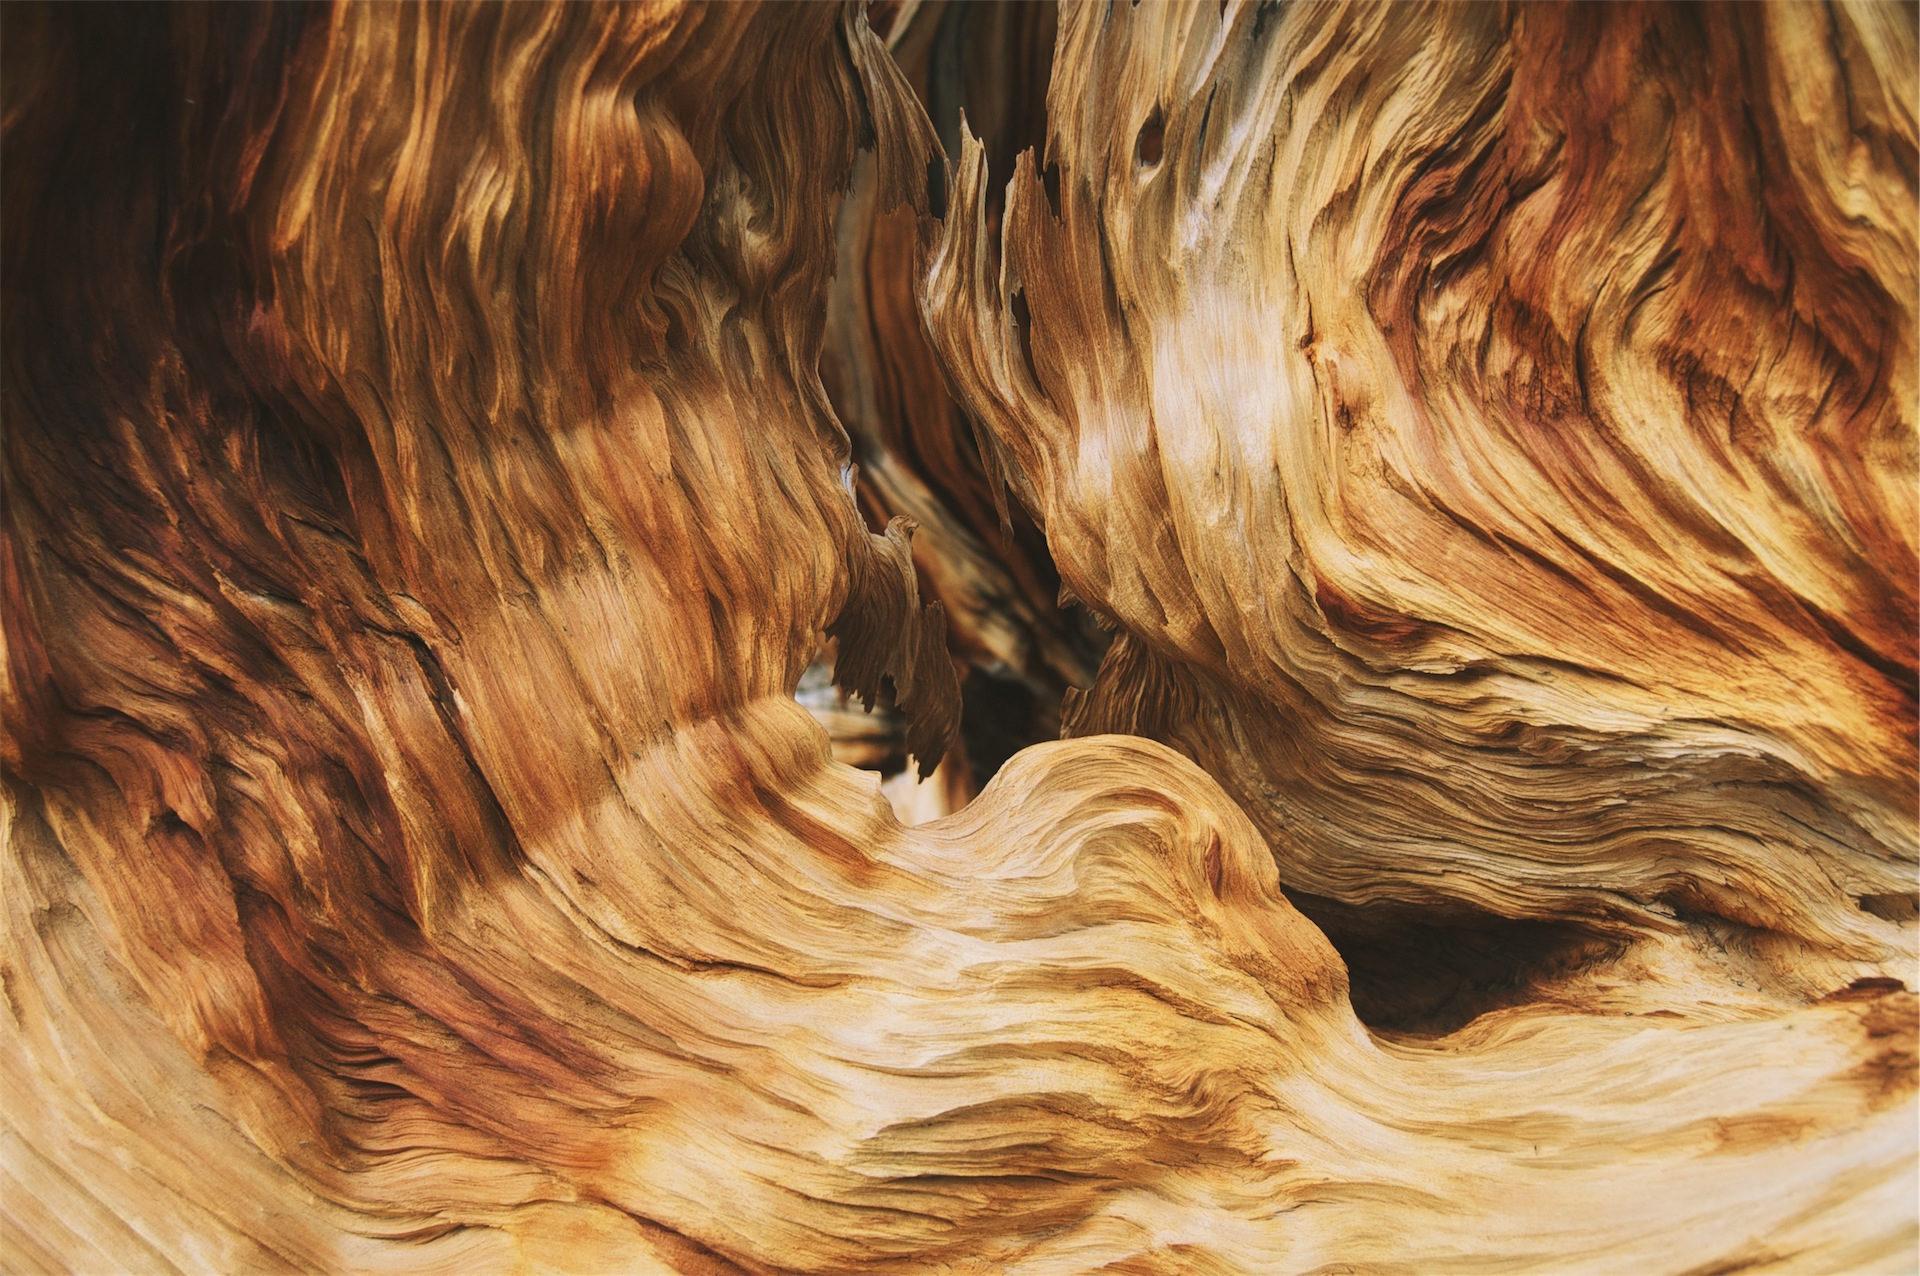 φλέβες, ξύλο, κύματα, πολύχρωμο, κλίση - Wallpapers HD - Professor-falken.com